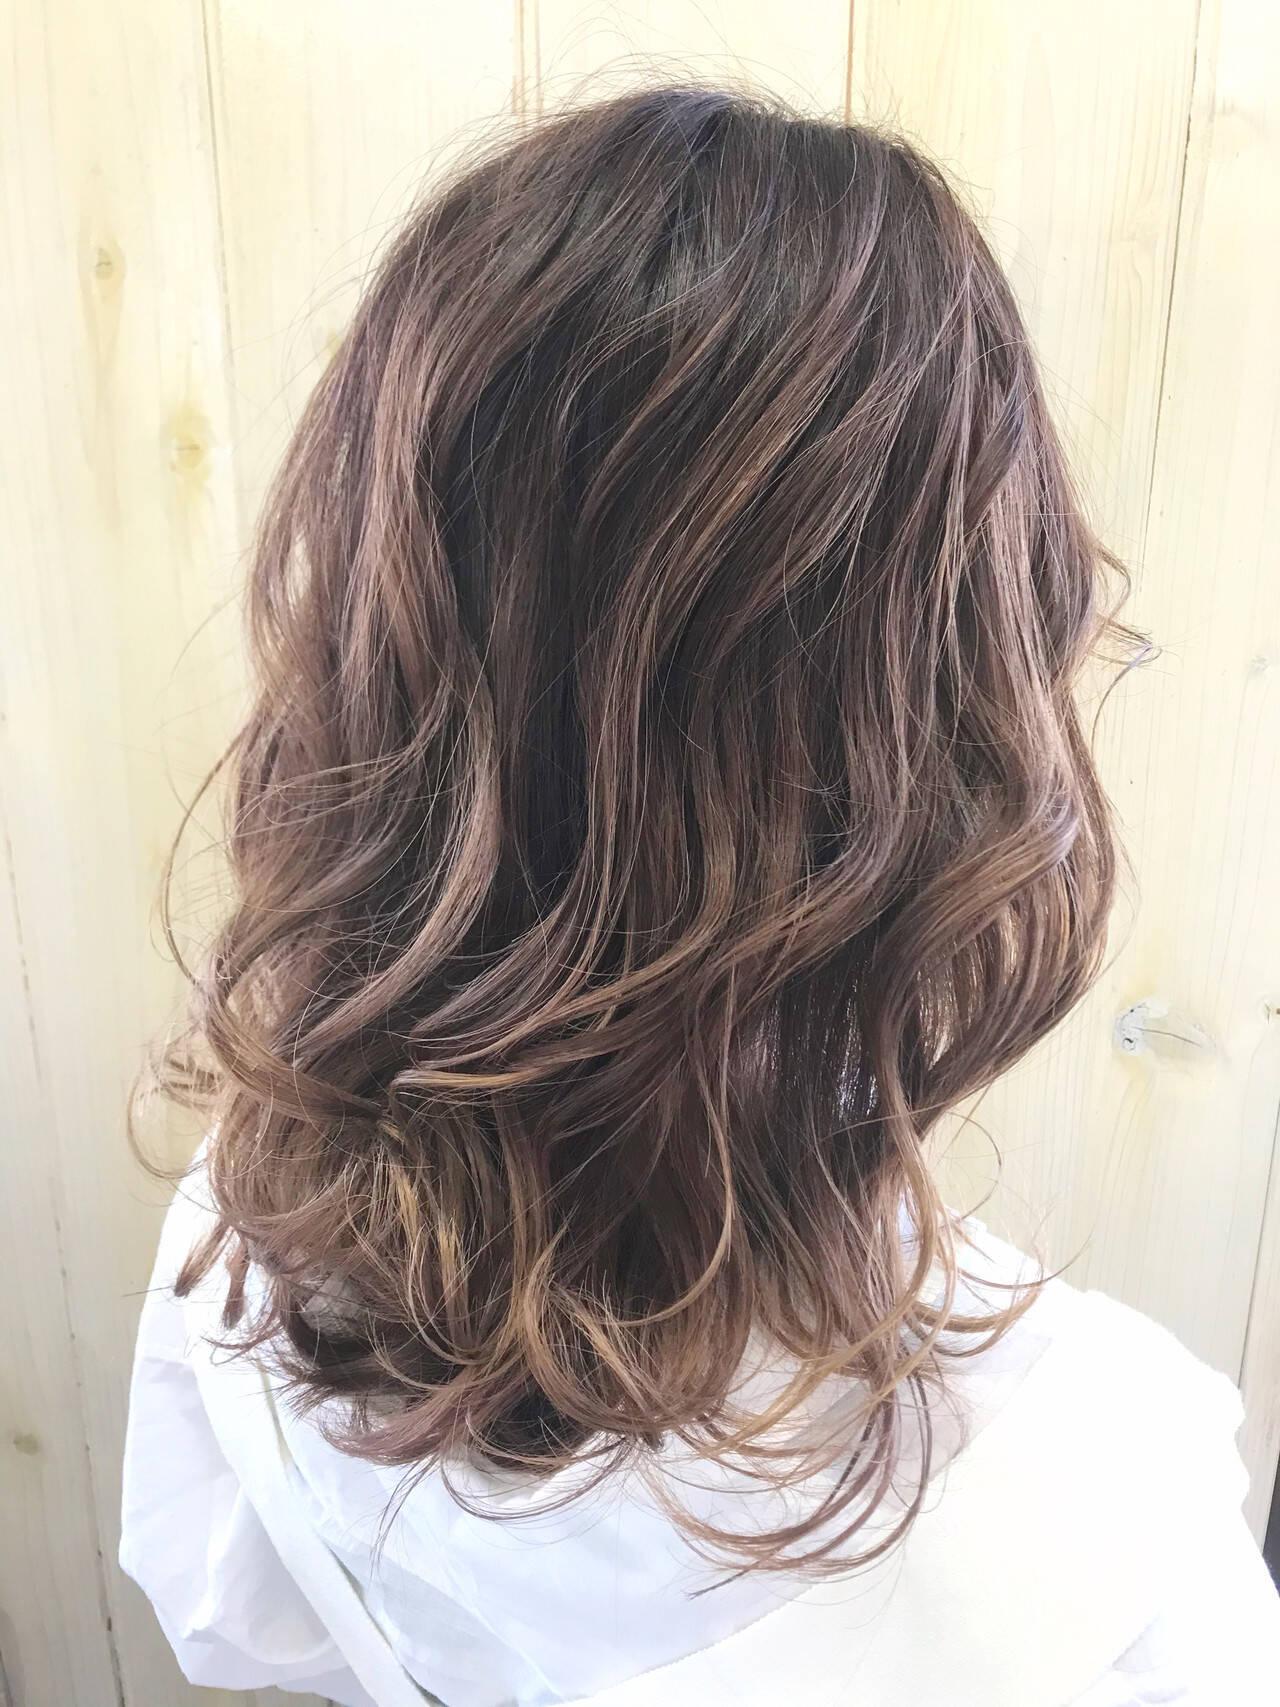 フェミニン ヌーディベージュ ナチュラルベージュ ヌーディーベージュヘアスタイルや髪型の写真・画像